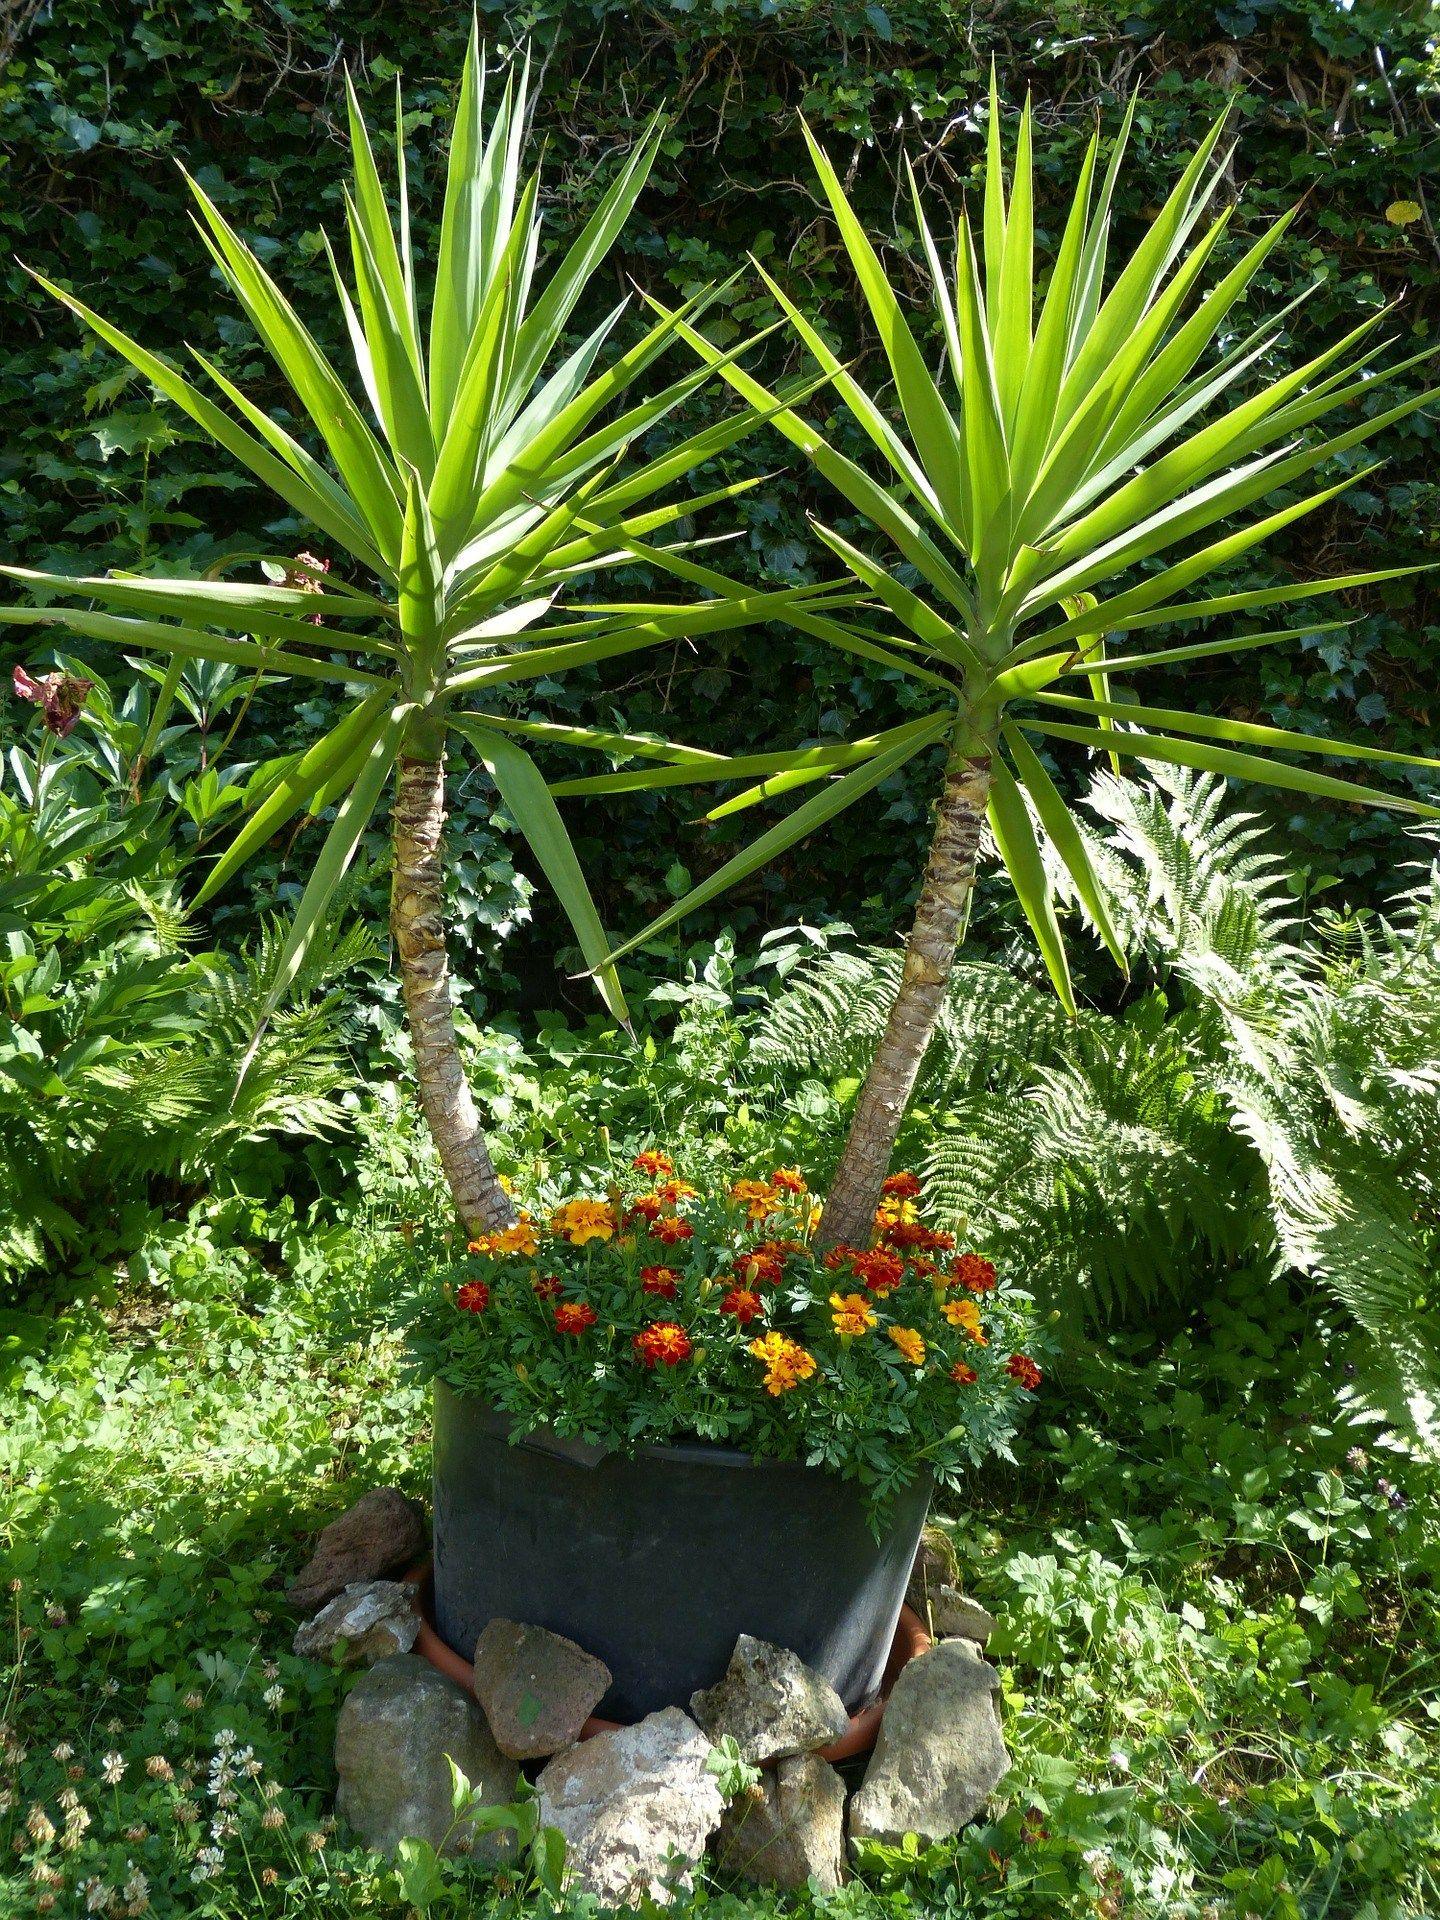 Giardinaggio facile: le migliori piante per principianti ...